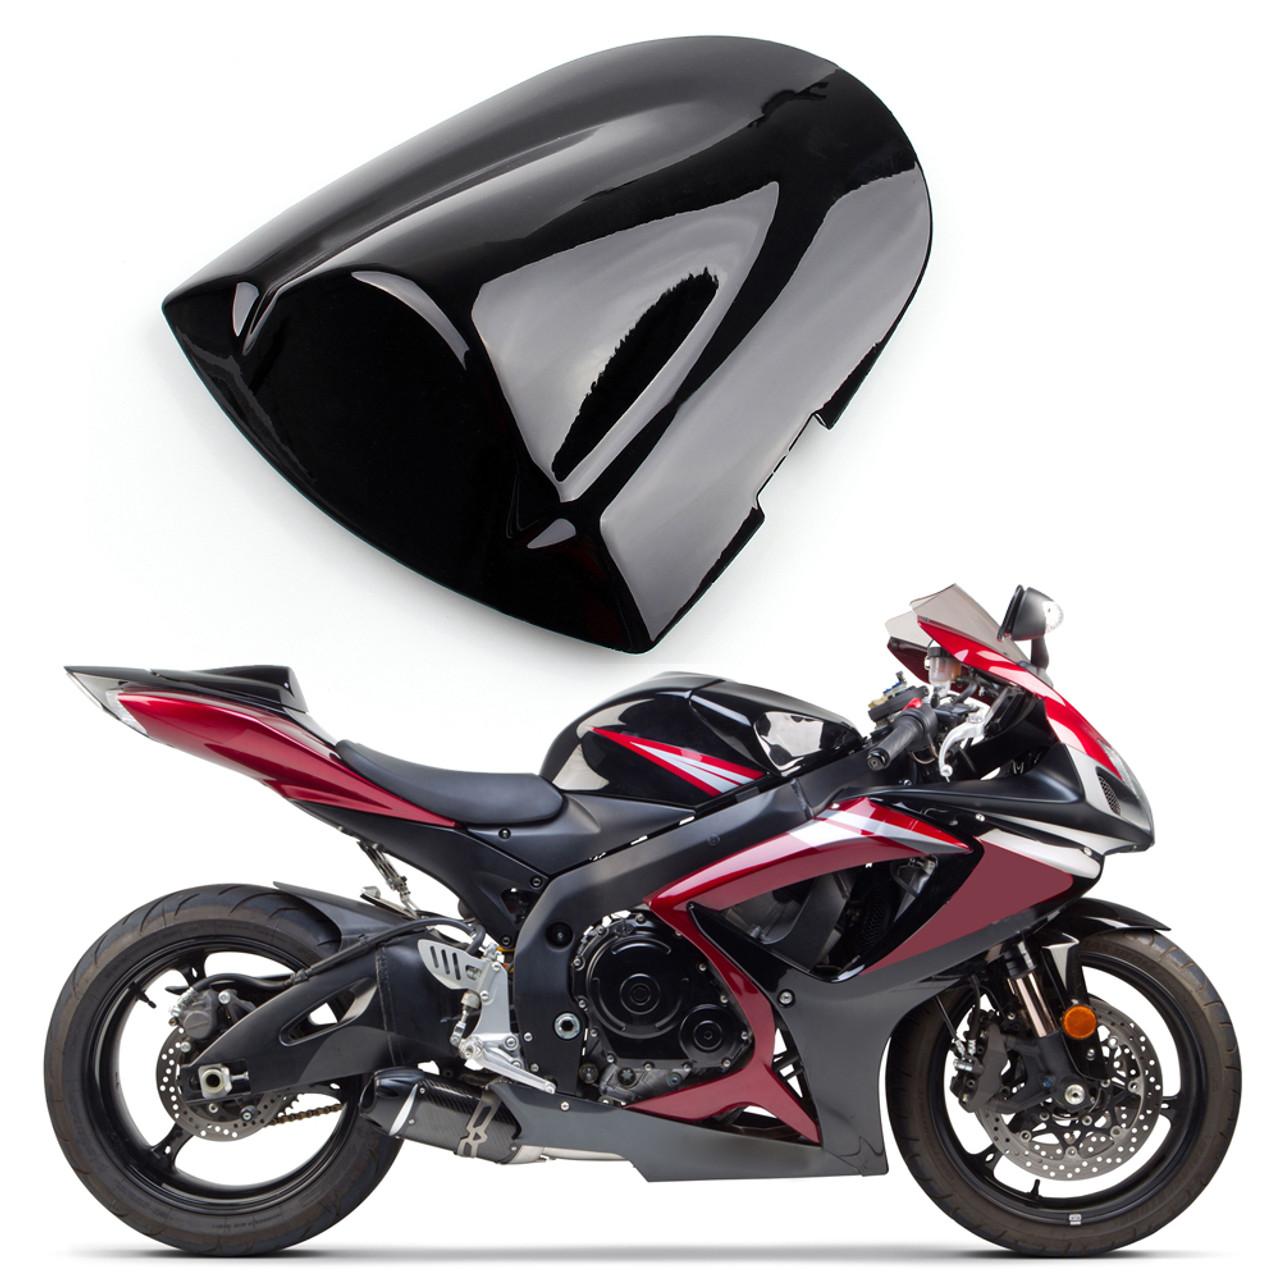 Black Front Seat Rider Driver Pad Cushion For SUZUKI GSXR600 GSX-R 750 2006-2007